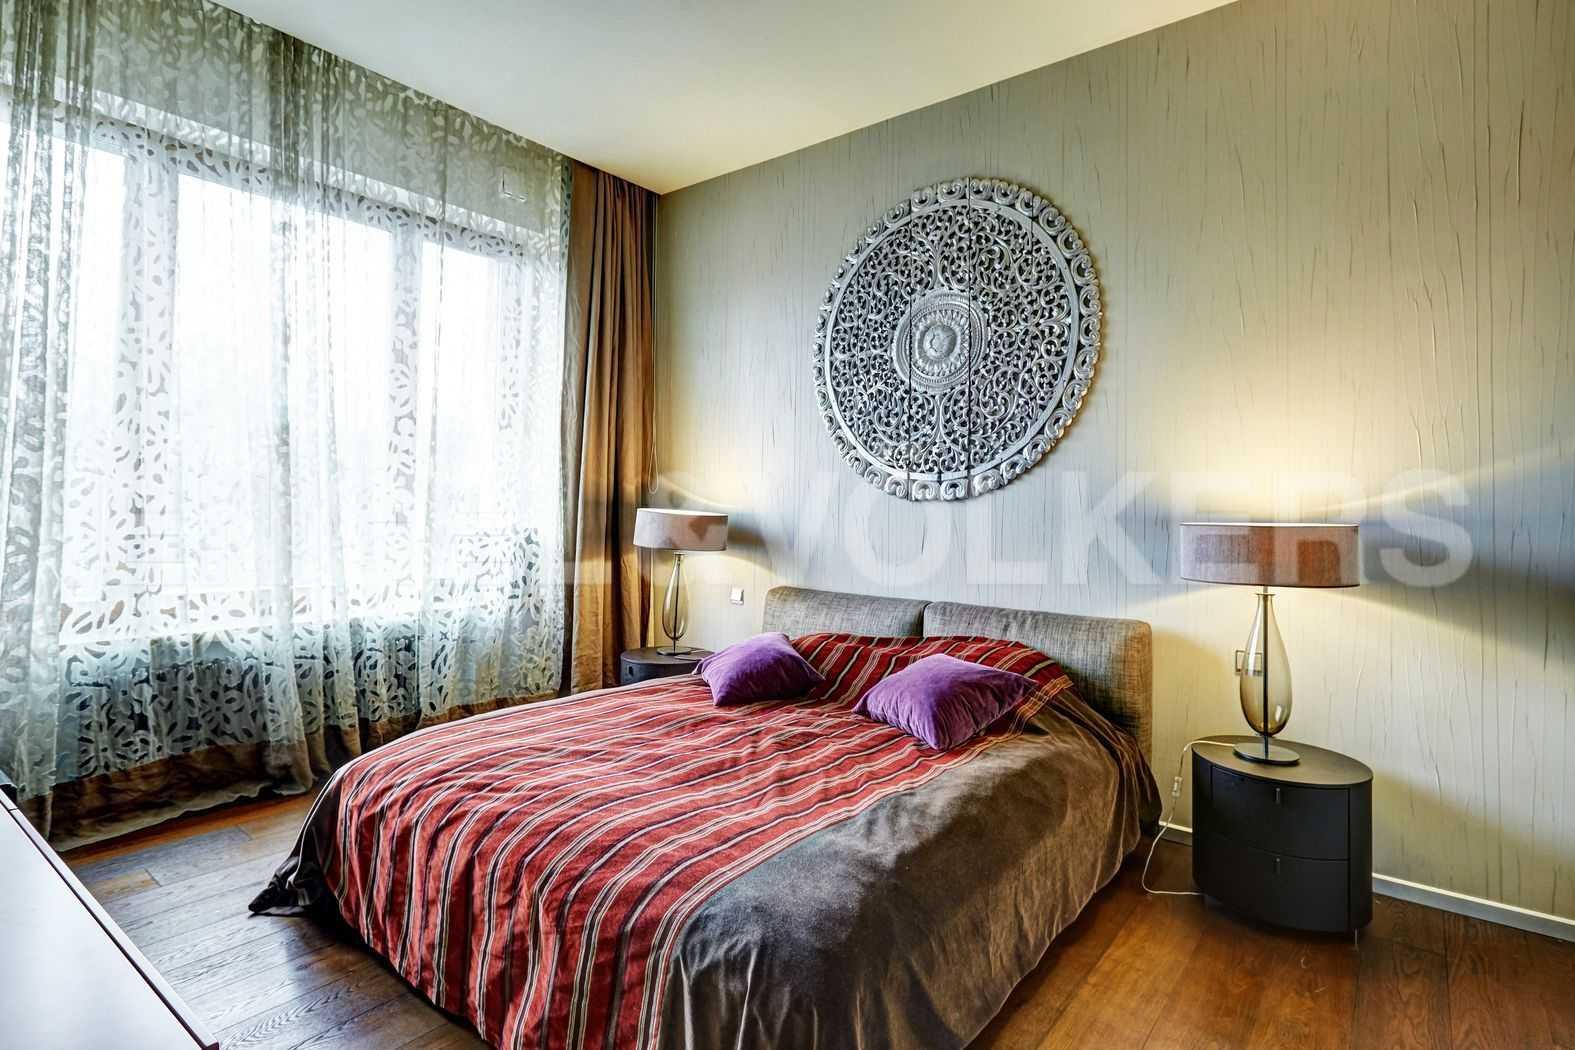 Элитные квартиры на . Санкт-Петербург, наб. Мартынова, 74. Спальня